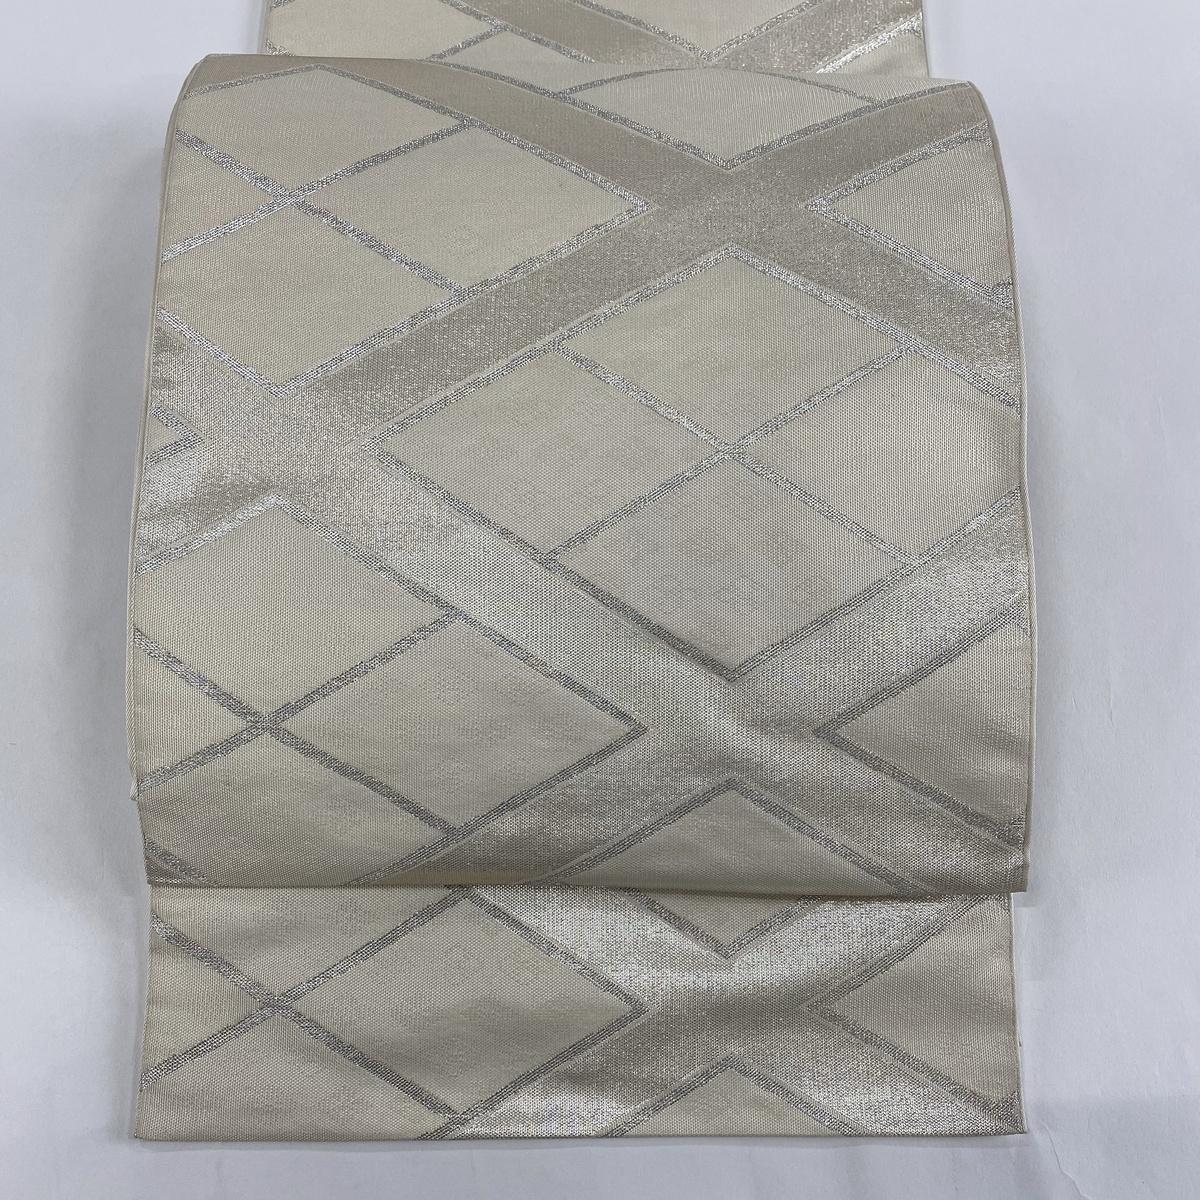 袋帯 美品 秀品 菱 地紋 銀糸 箔 灰白 全通 正絹 【中古】